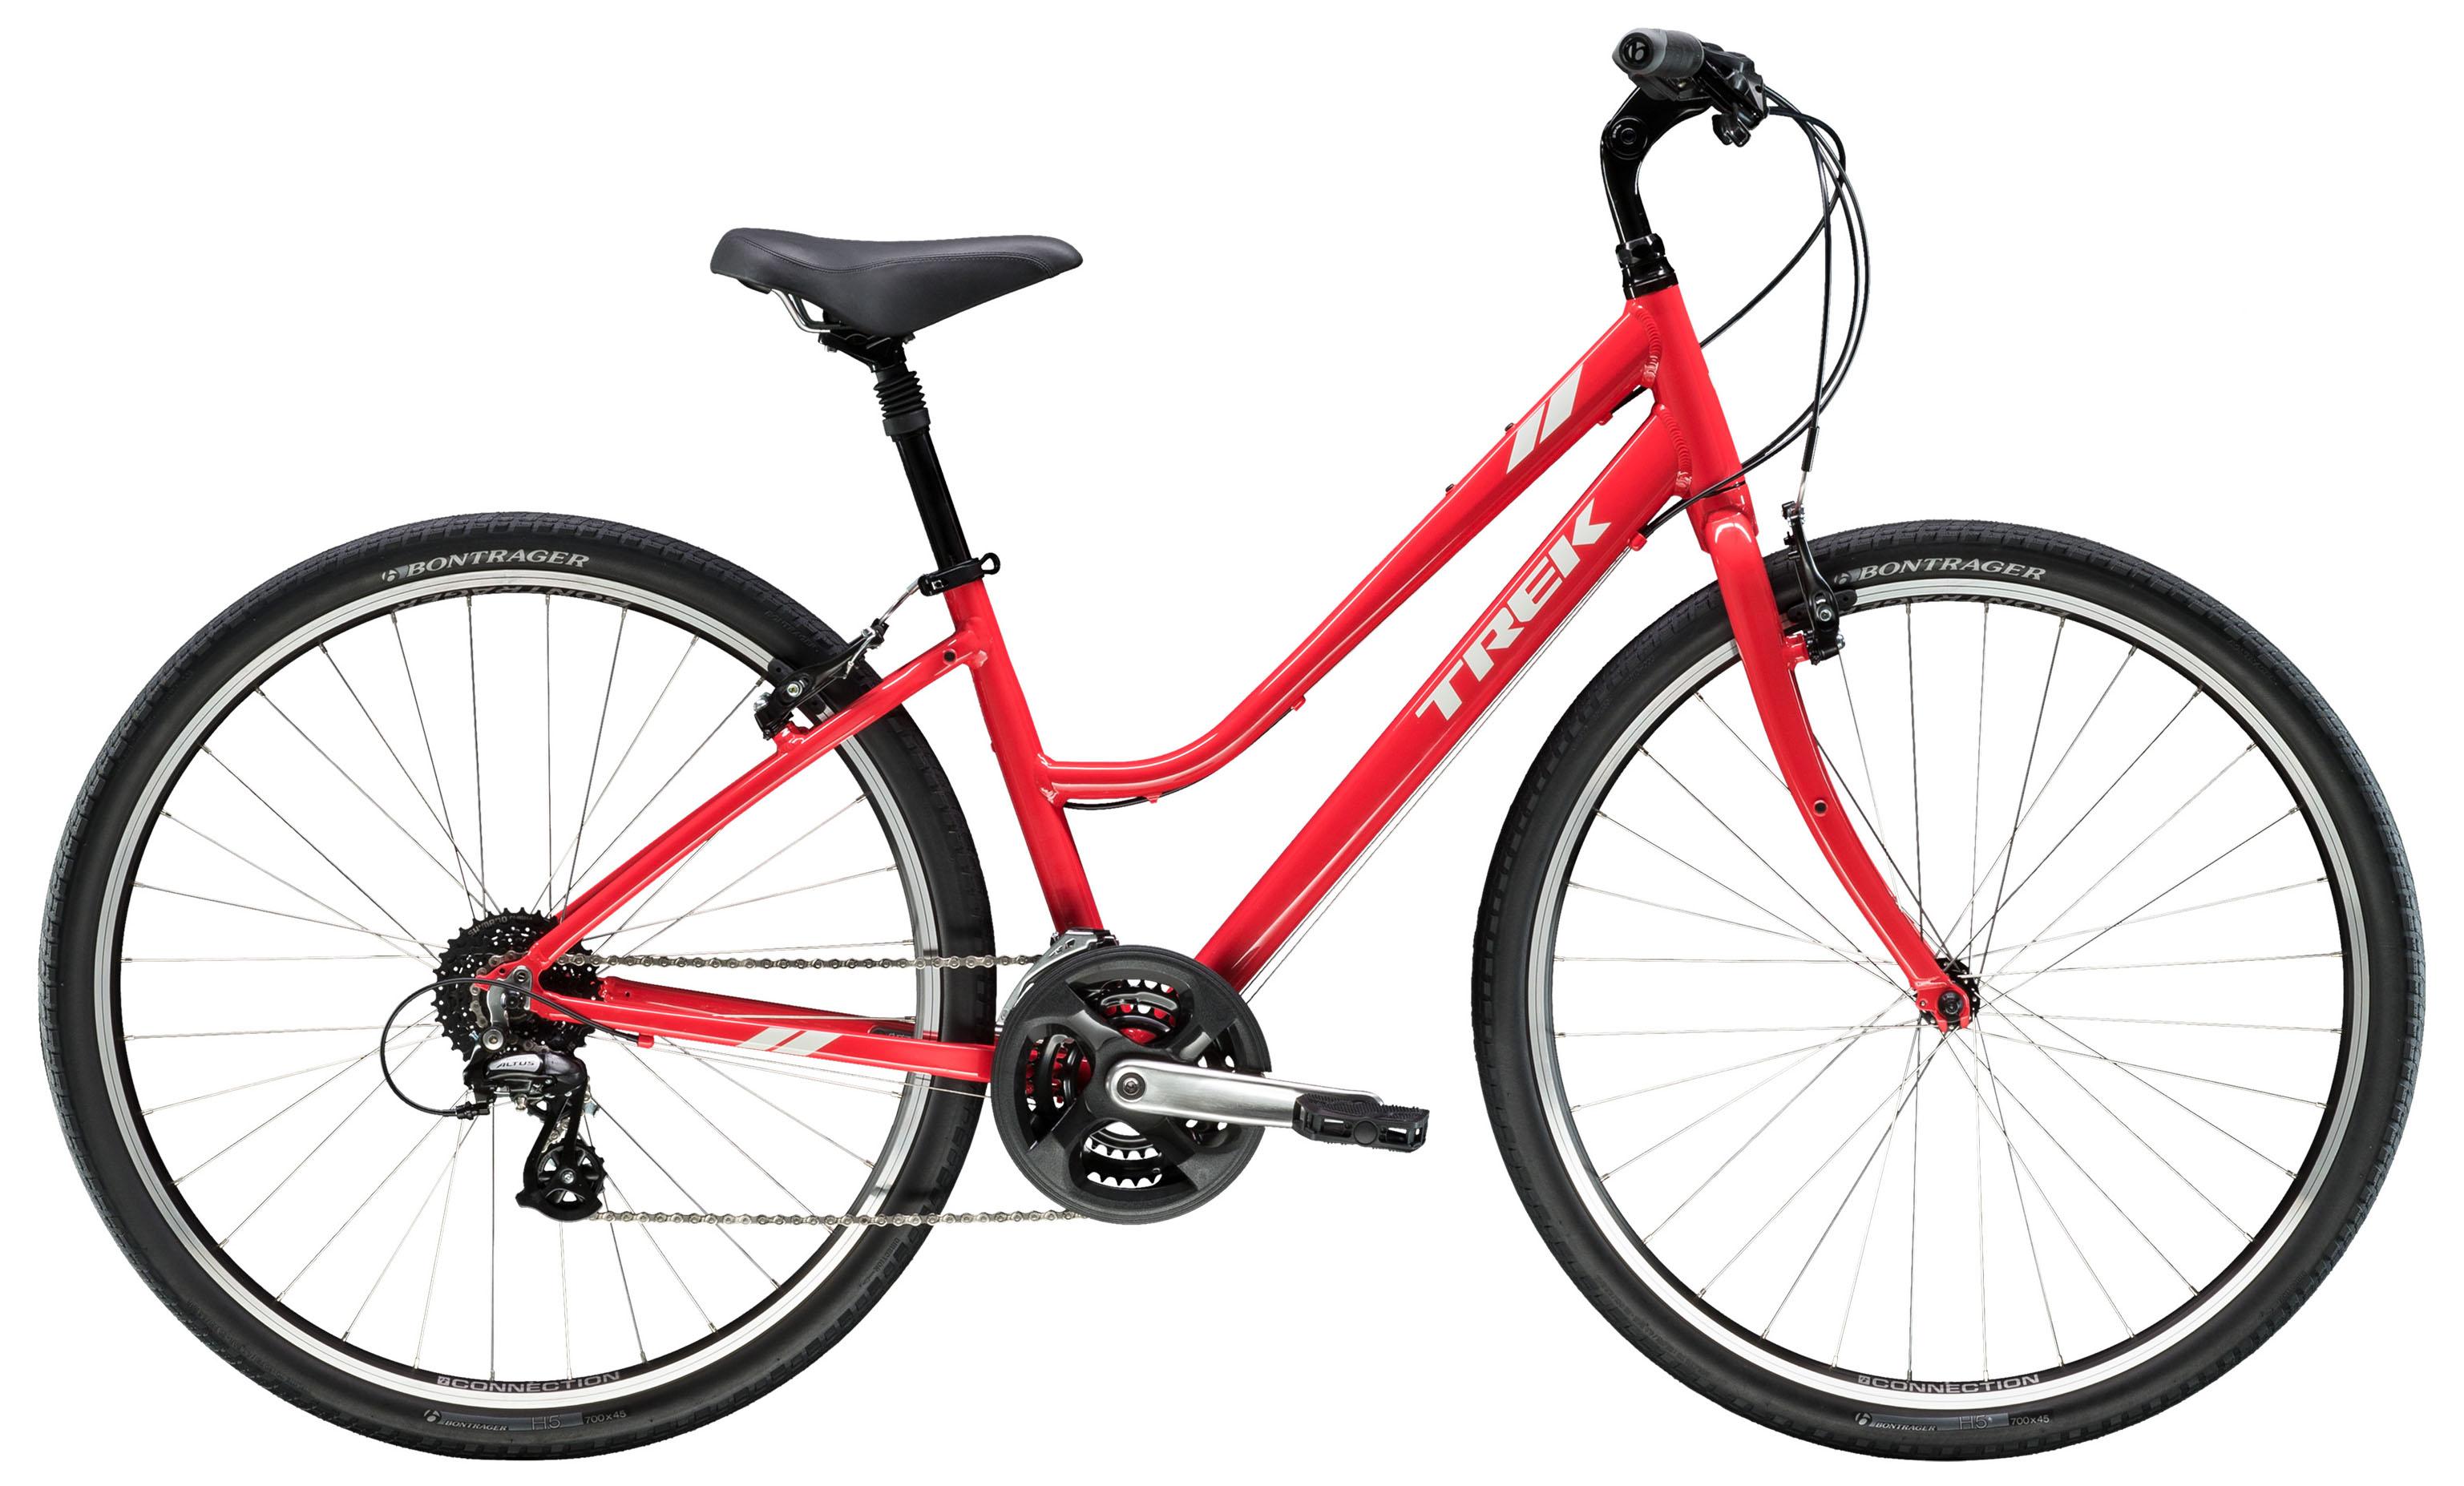 Картинка велосипеда трек